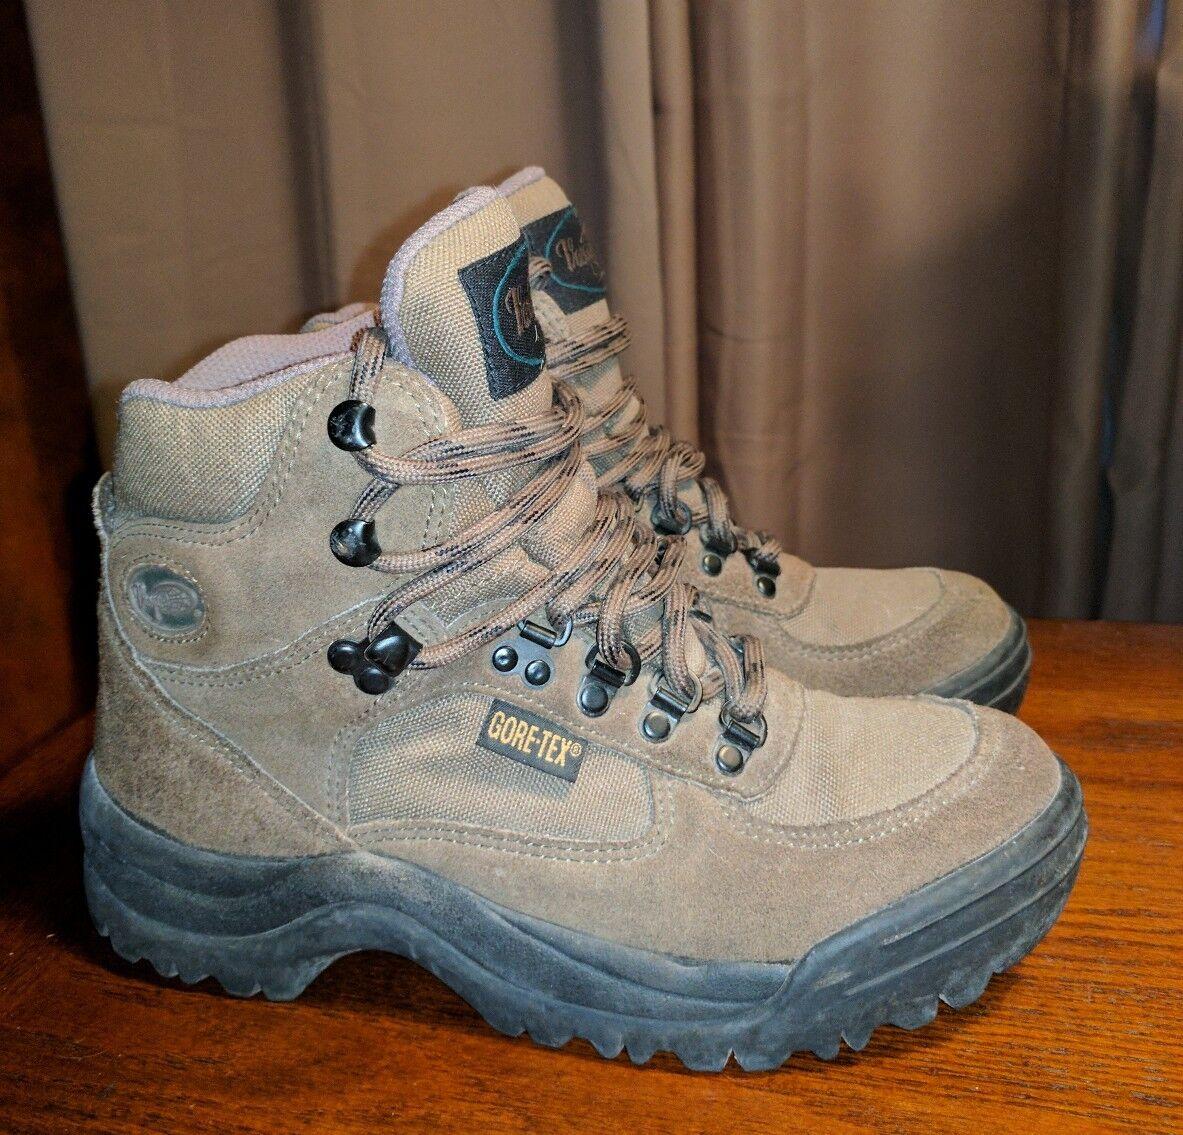 Vasque damas Gore-Tex Senderismo botas excursionistas 7.5 M M M marrón UK 6 39 Trail alpinista  precios mas bajos